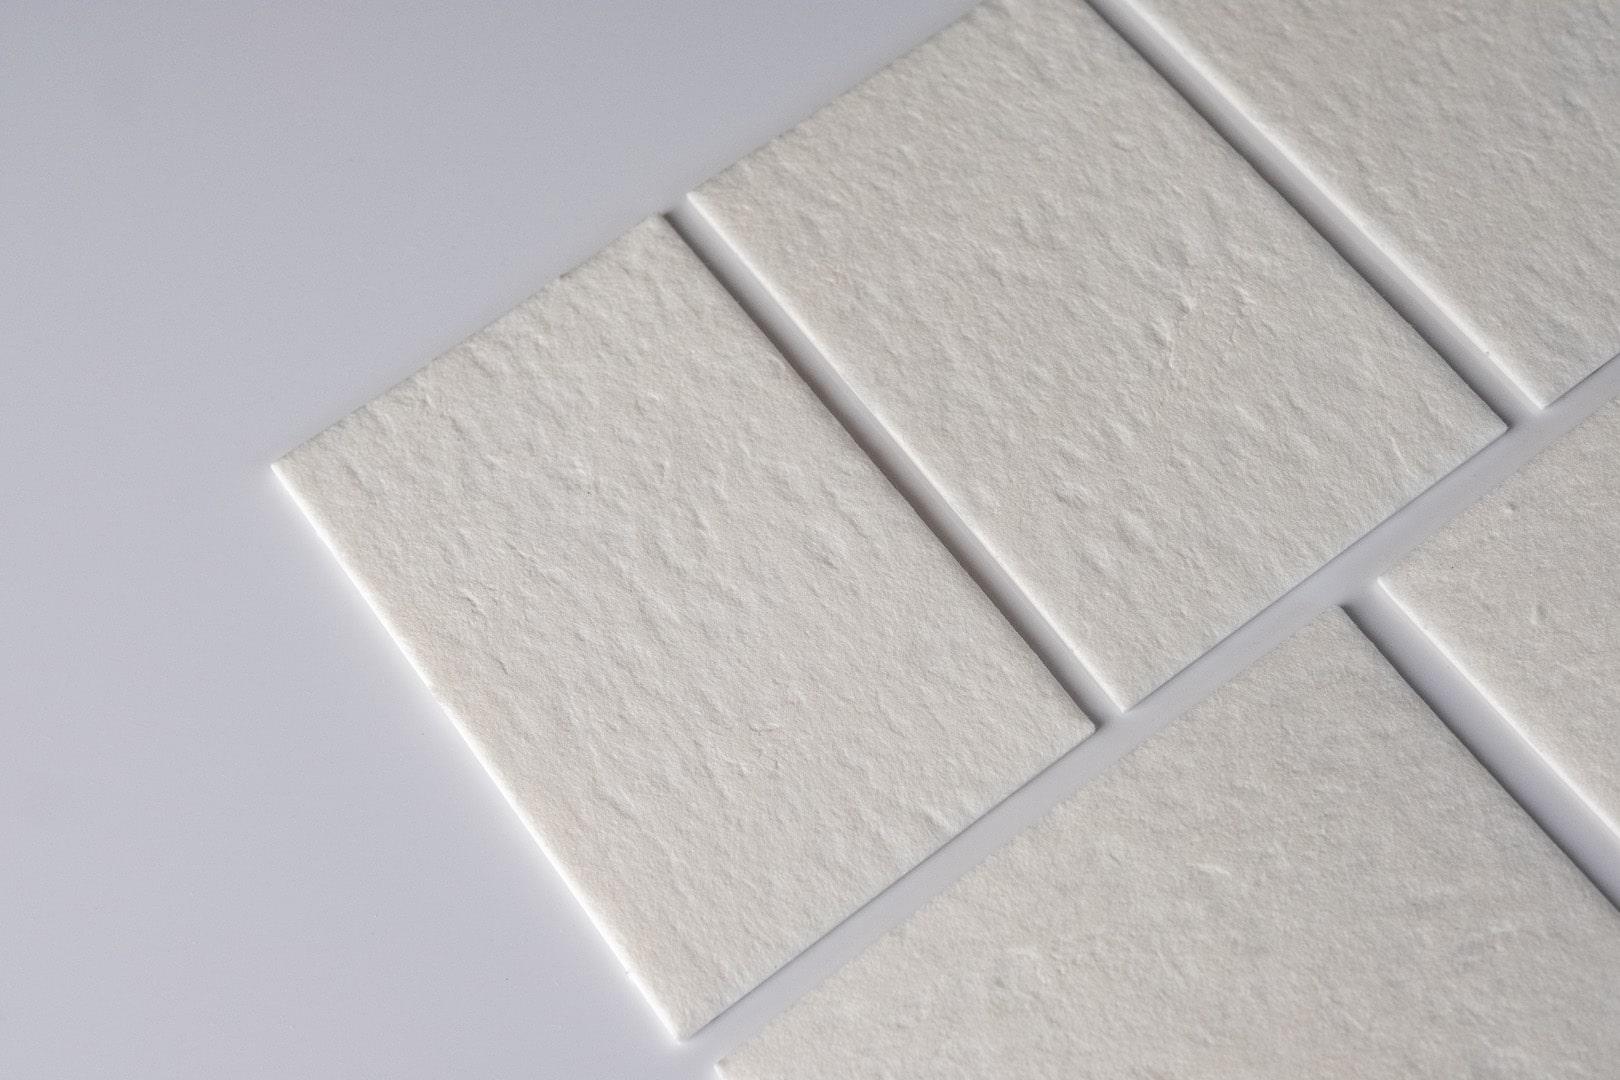 industrial blotter paper